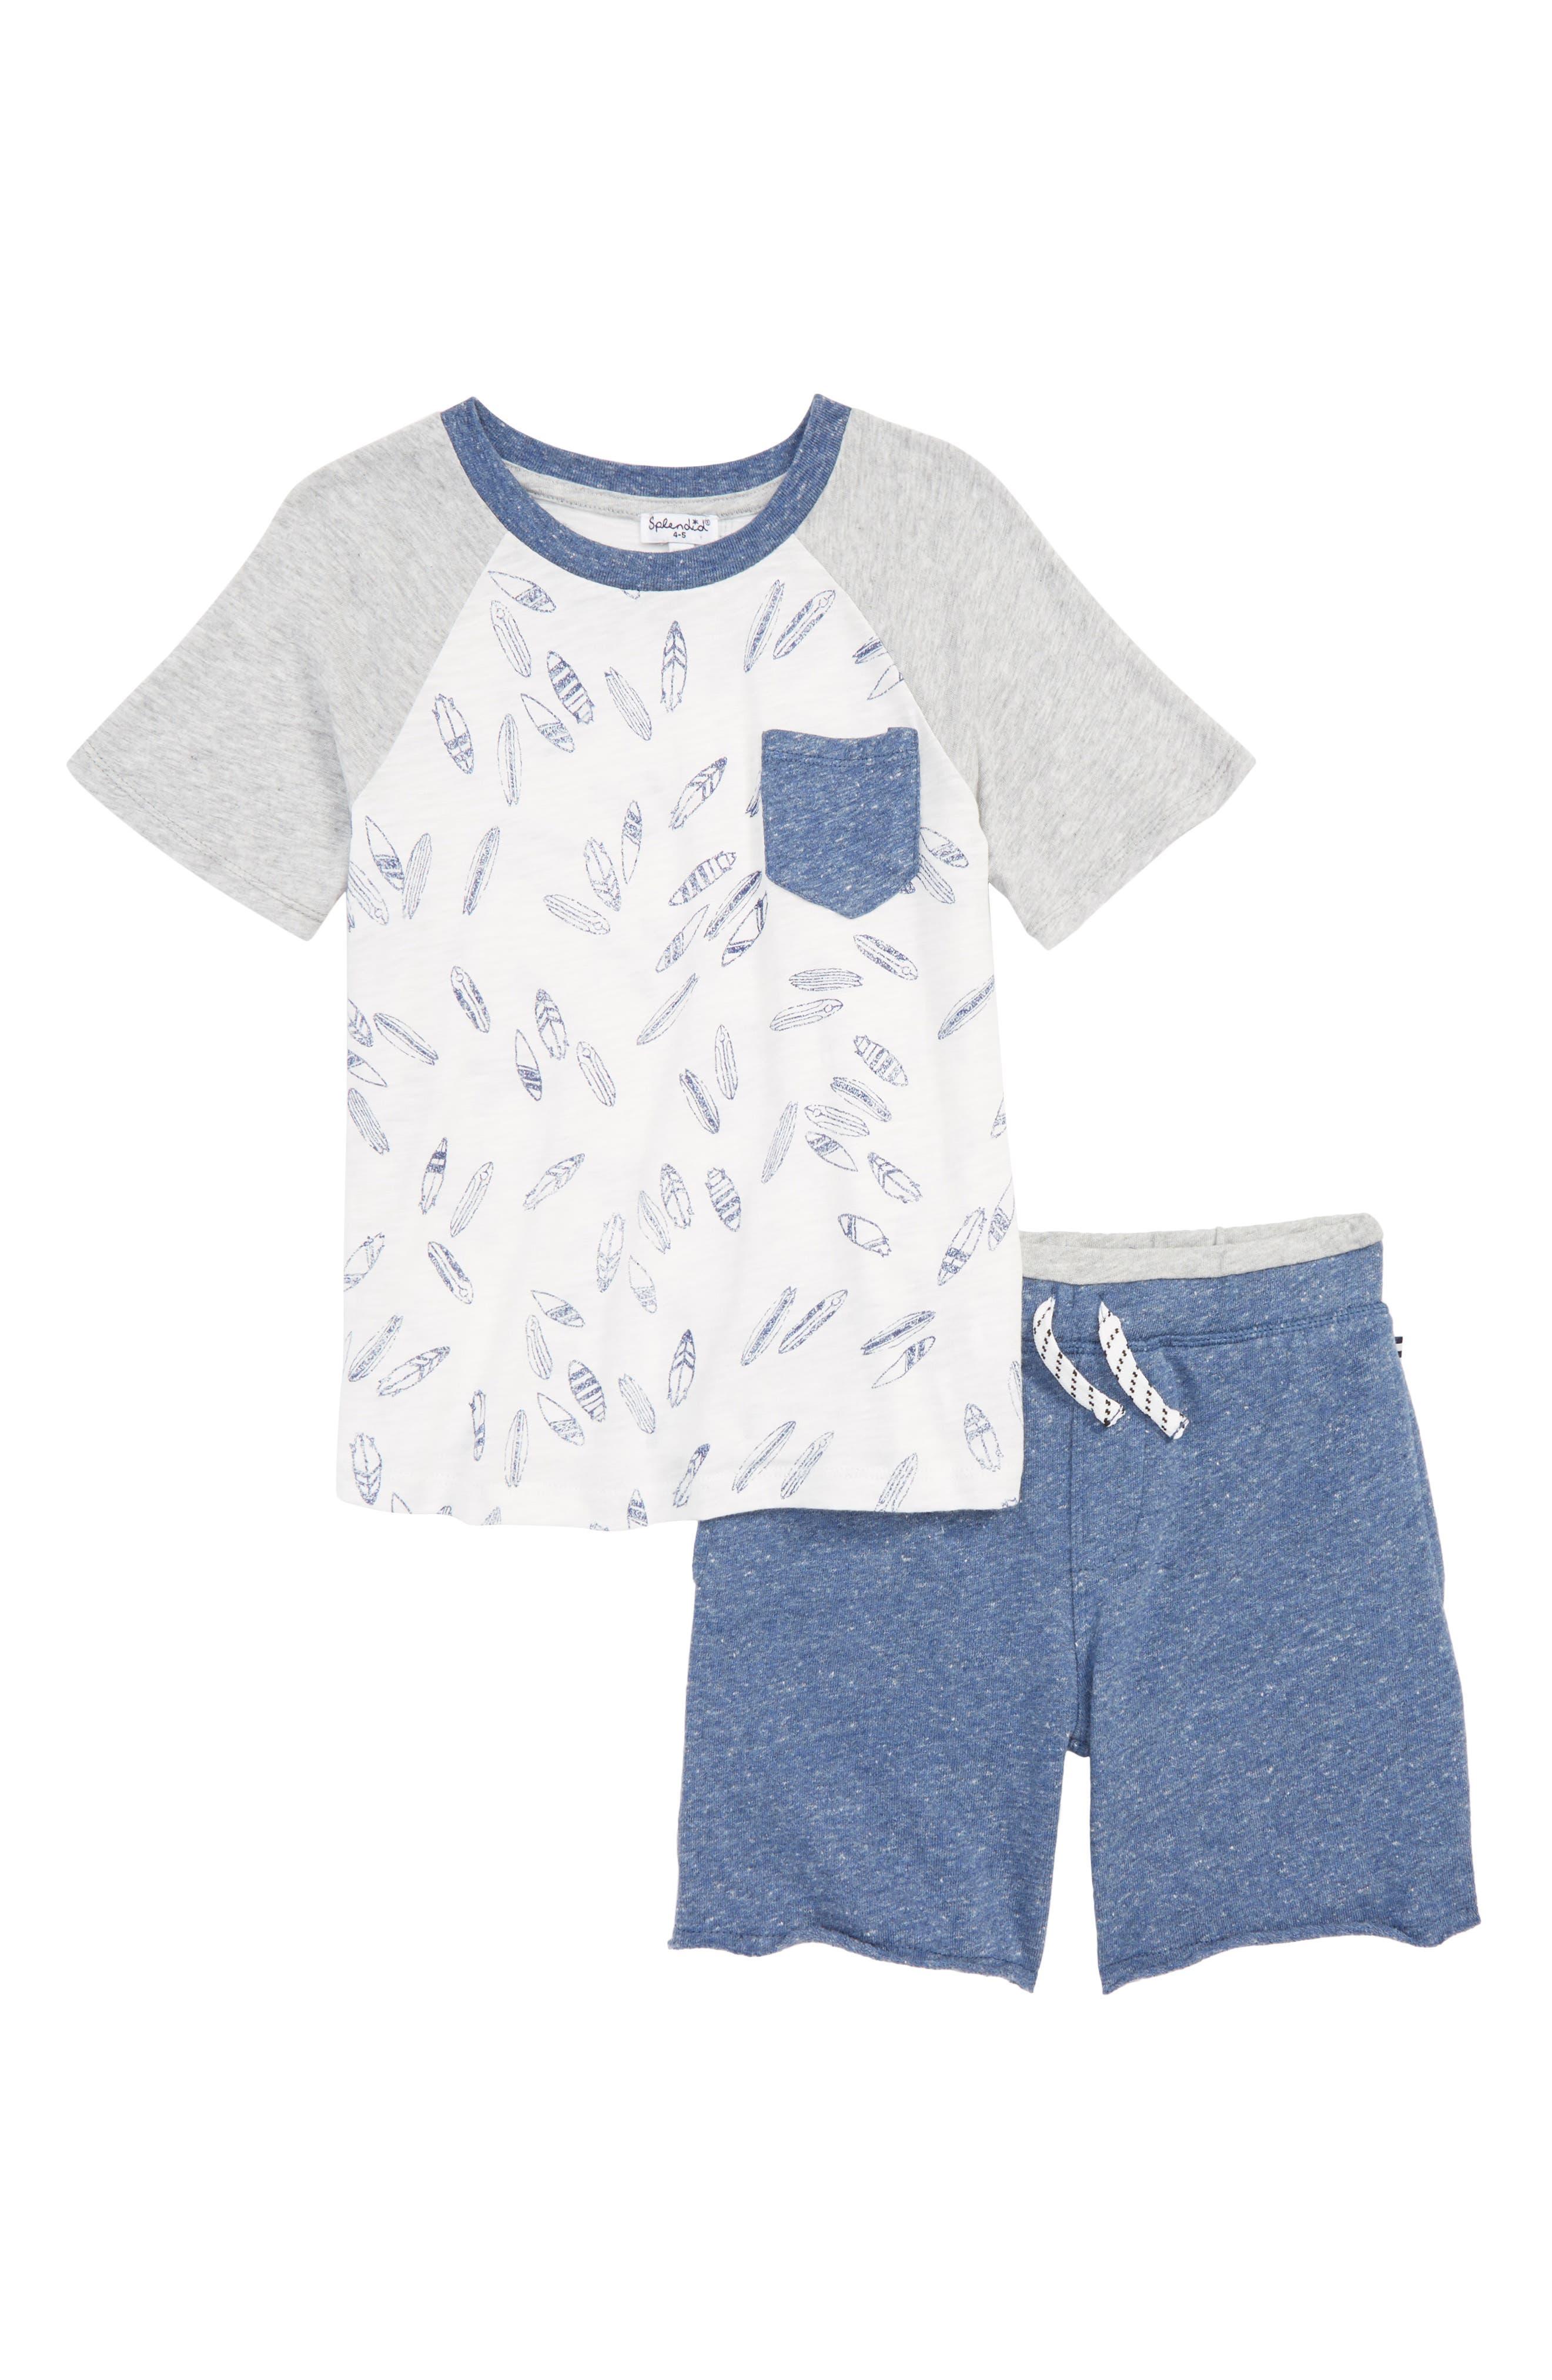 Surfboard T-Shirt & Shorts Set,                             Main thumbnail 1, color,                             051